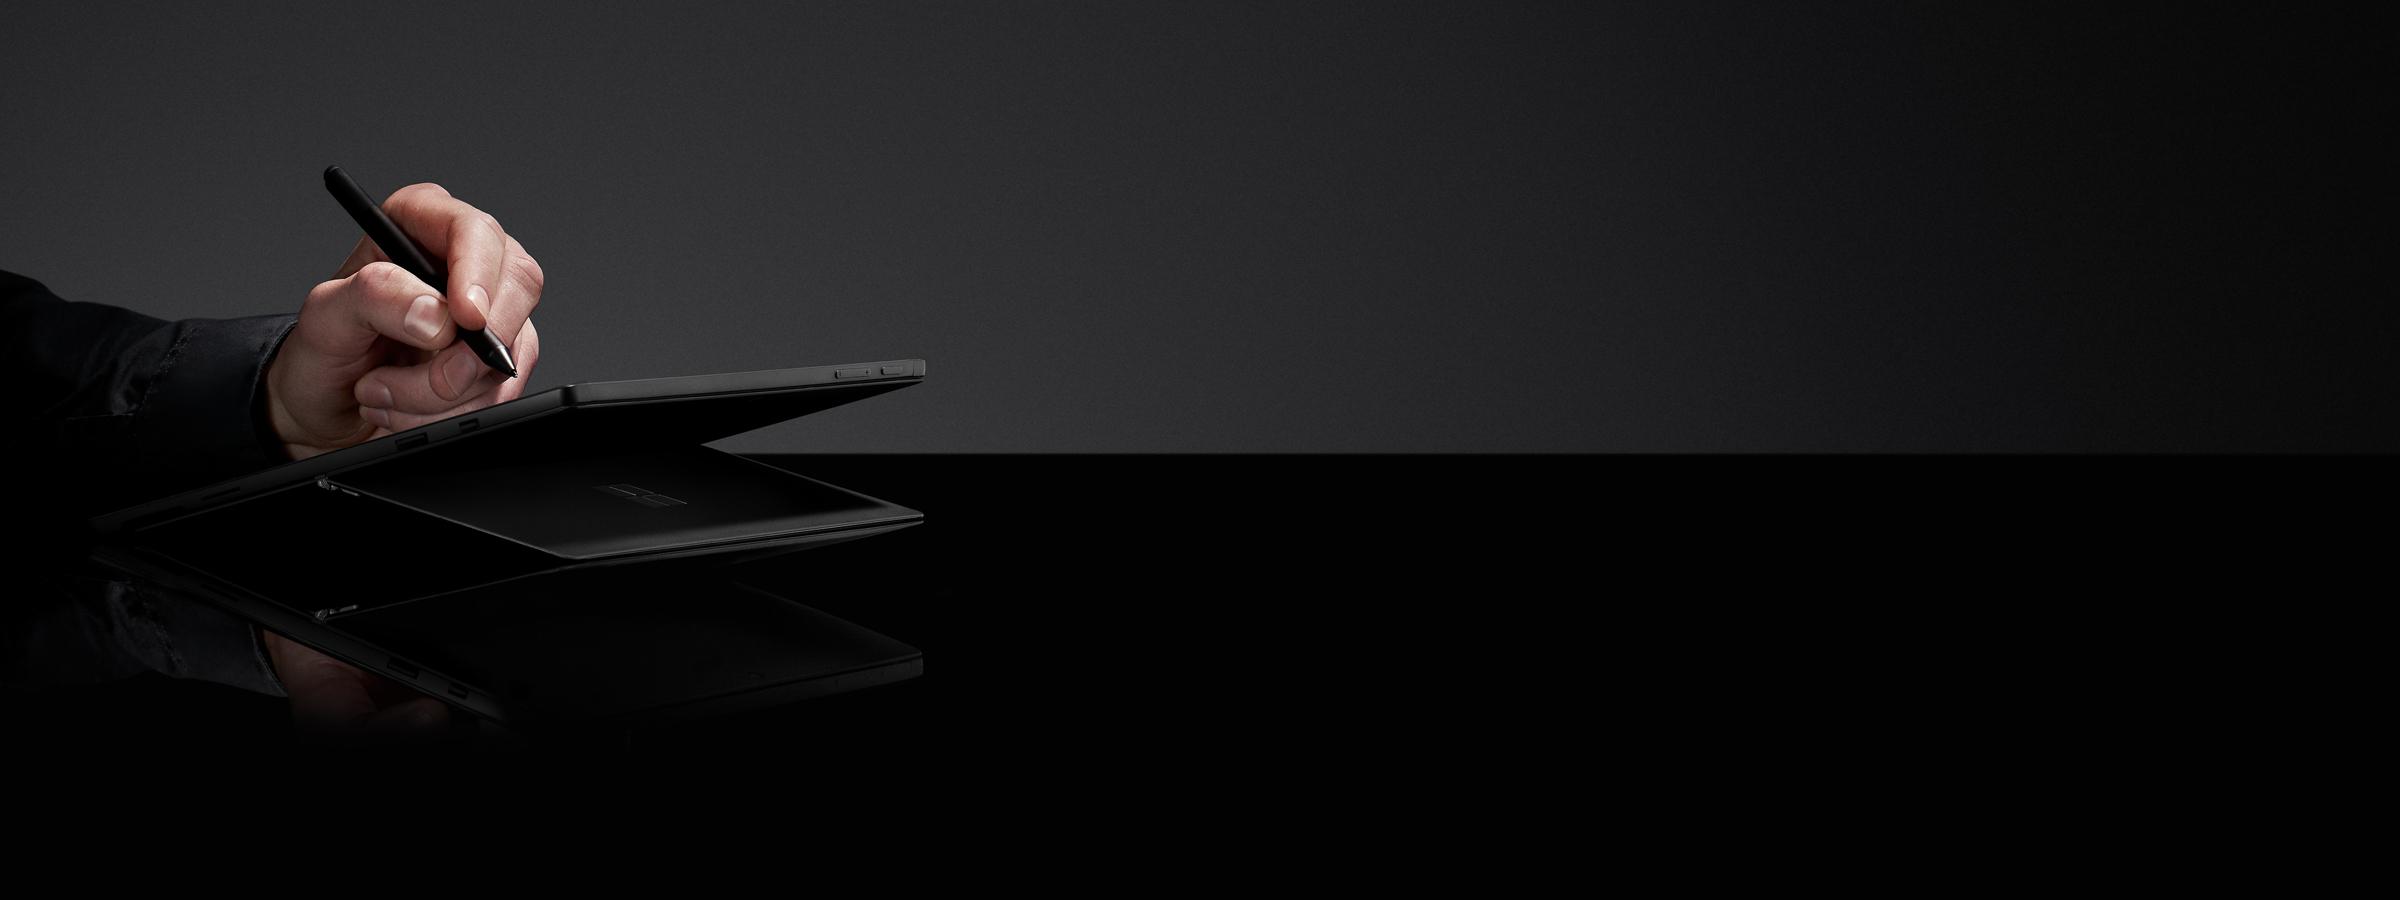 黑色背景上,一个人在黑色 Surface Pro 6 上使用 Surface 触控笔